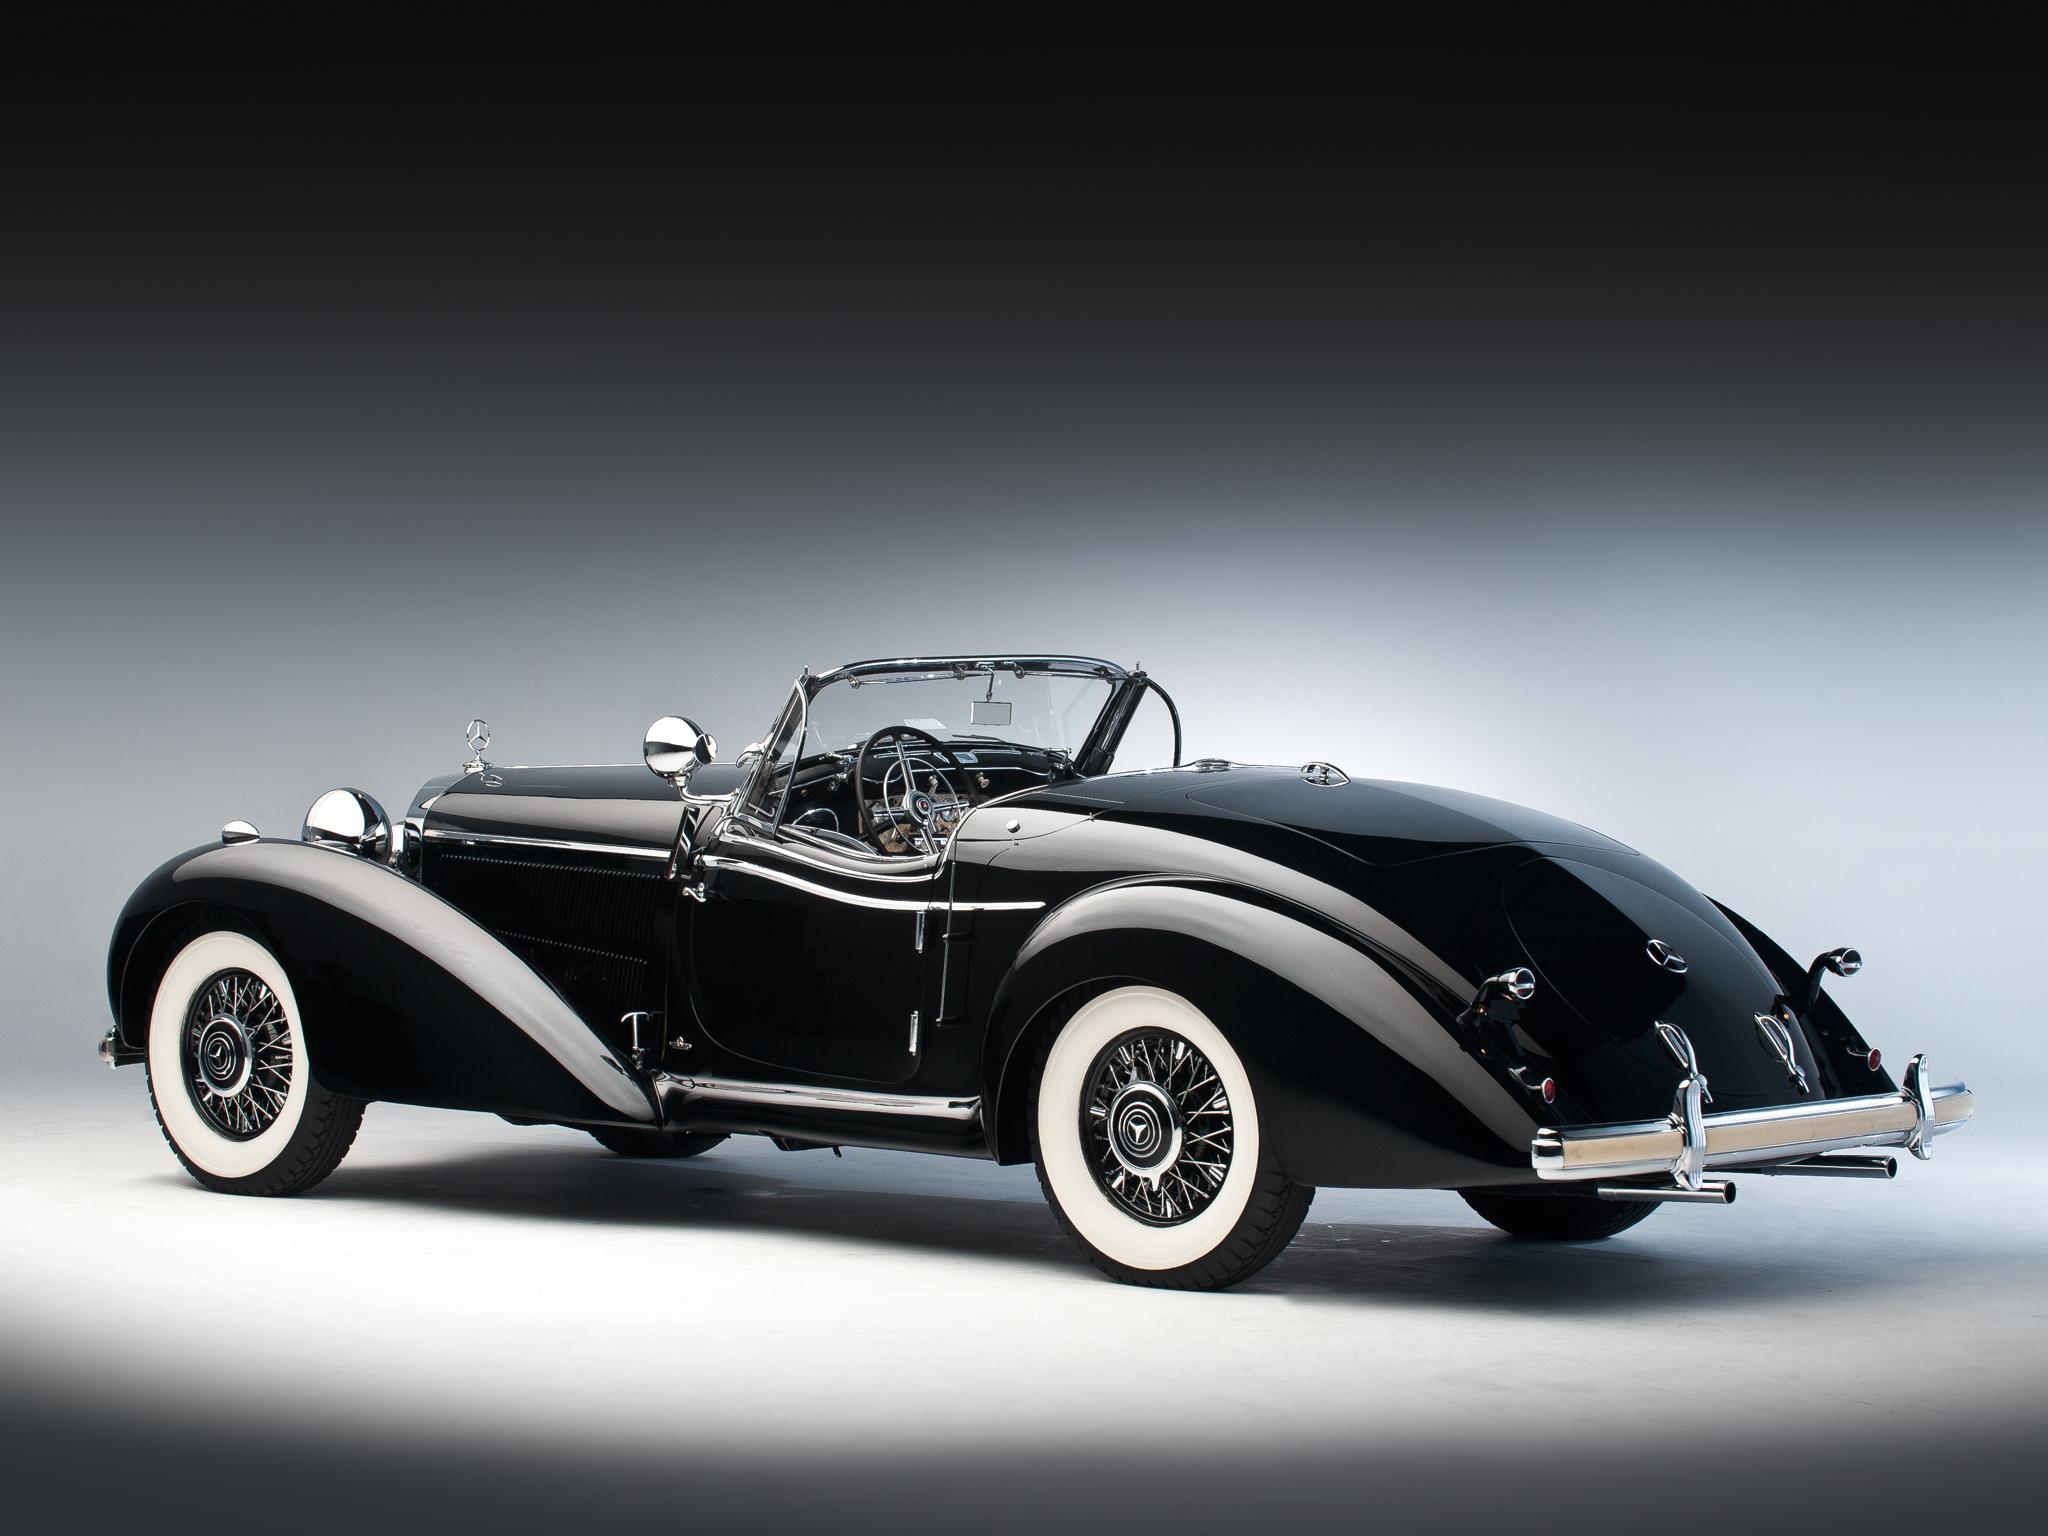 1939 Mercedes Benz 540k Special Roadster Retro Supercar